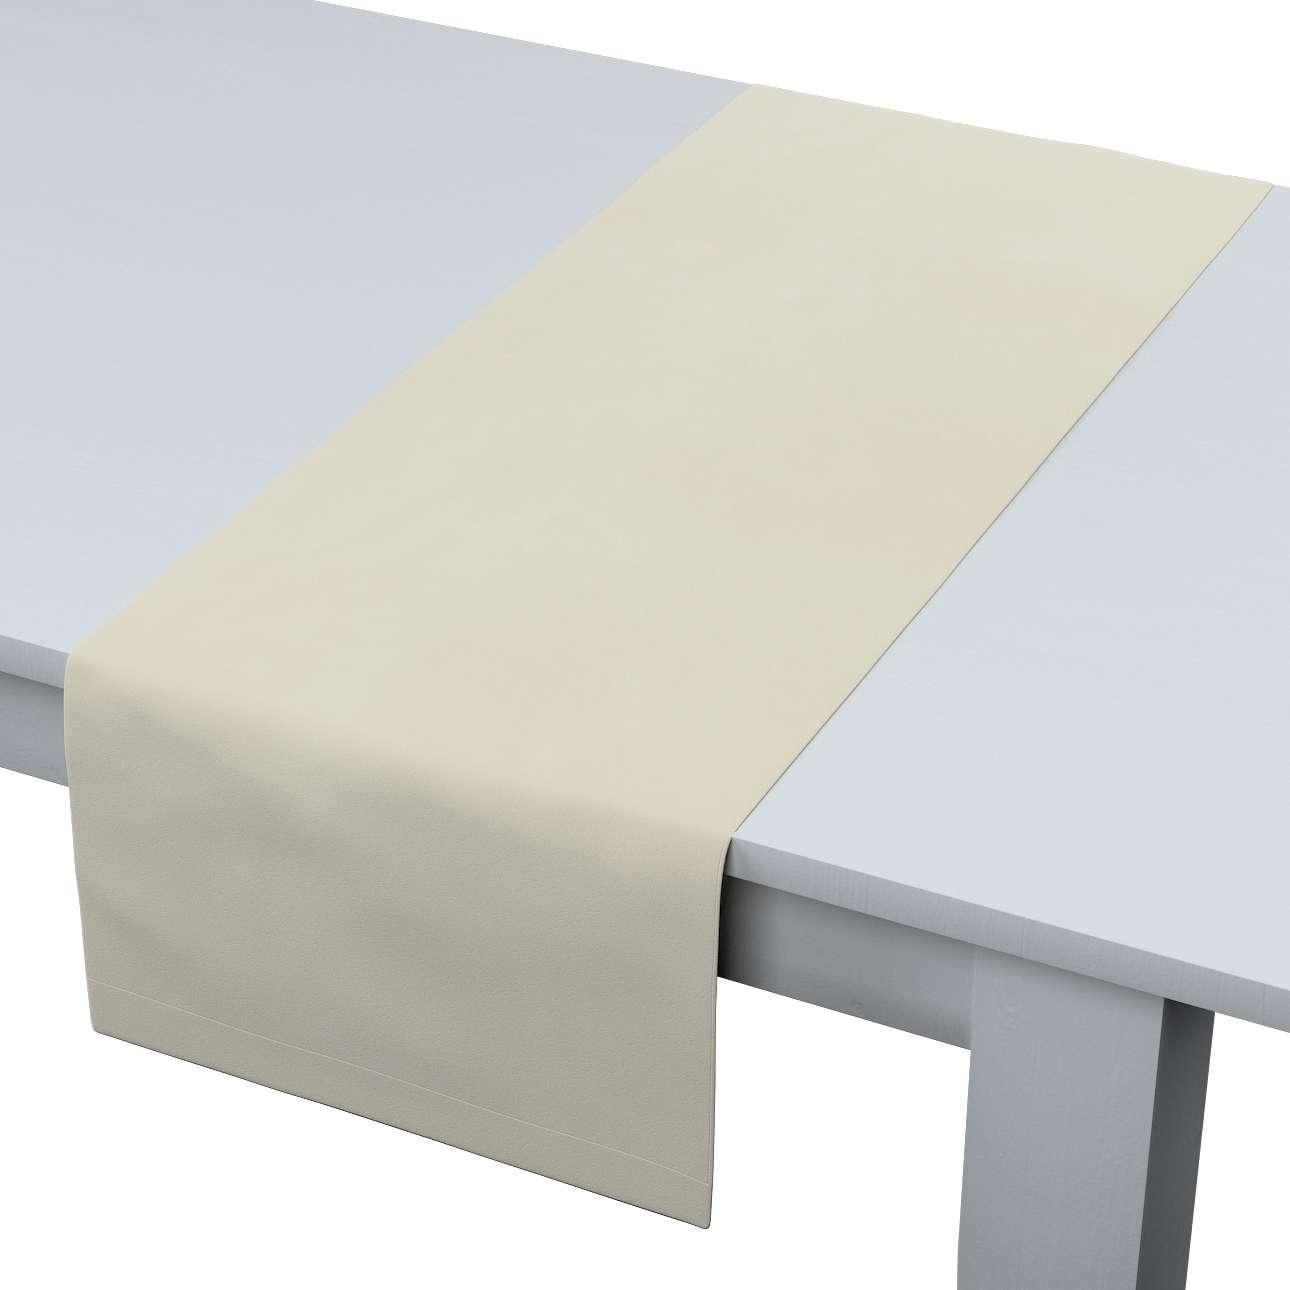 Bieżnik prostokątny w kolekcji Velvet, tkanina: 704-10